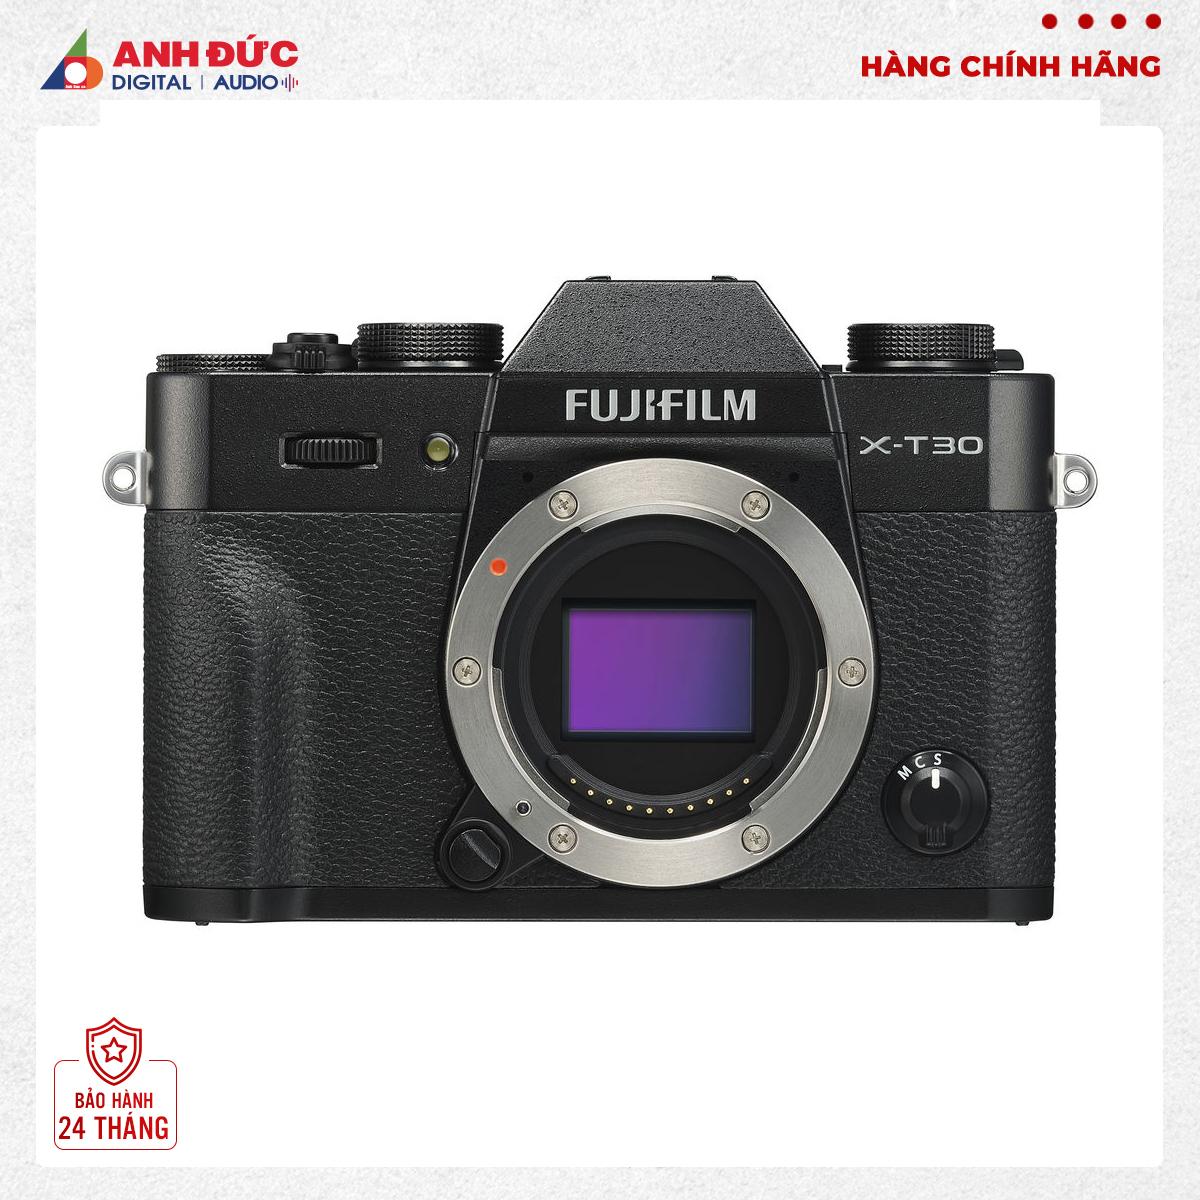 Máy ảnh Fujifilm X-T30 Body Black Chính hãng - Bảo hành 24 tháng toàn quốc